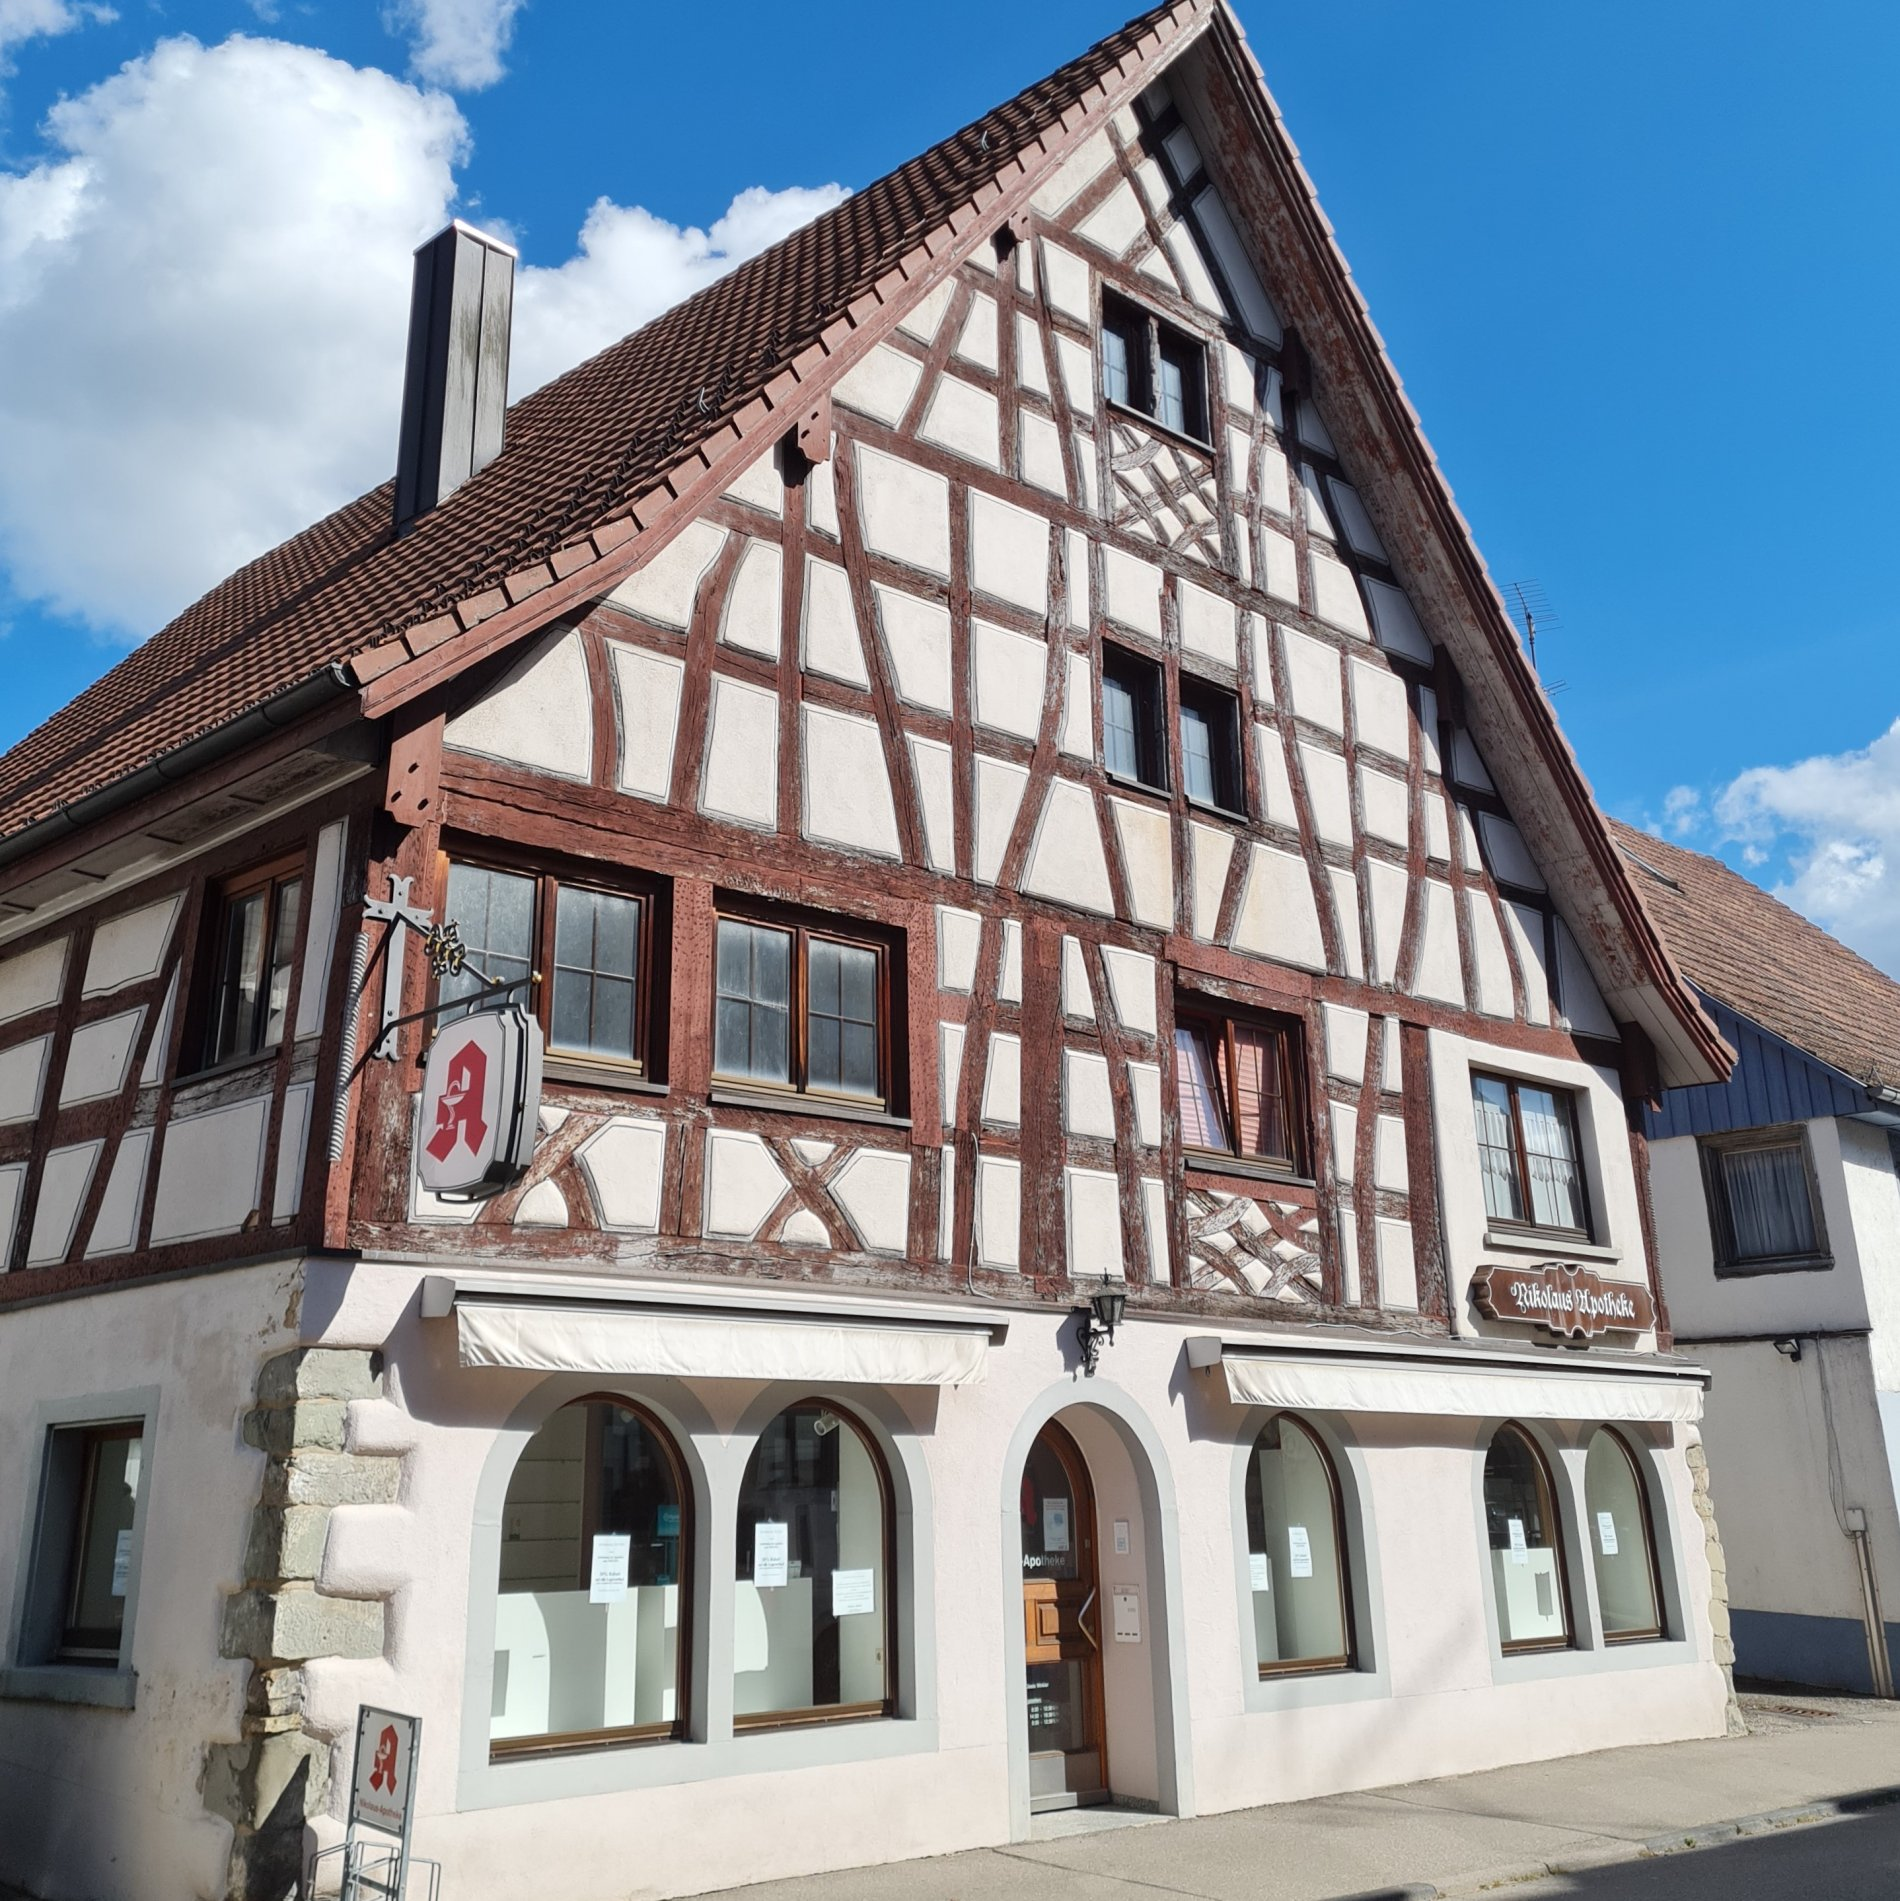 Allensbach am Bodensee